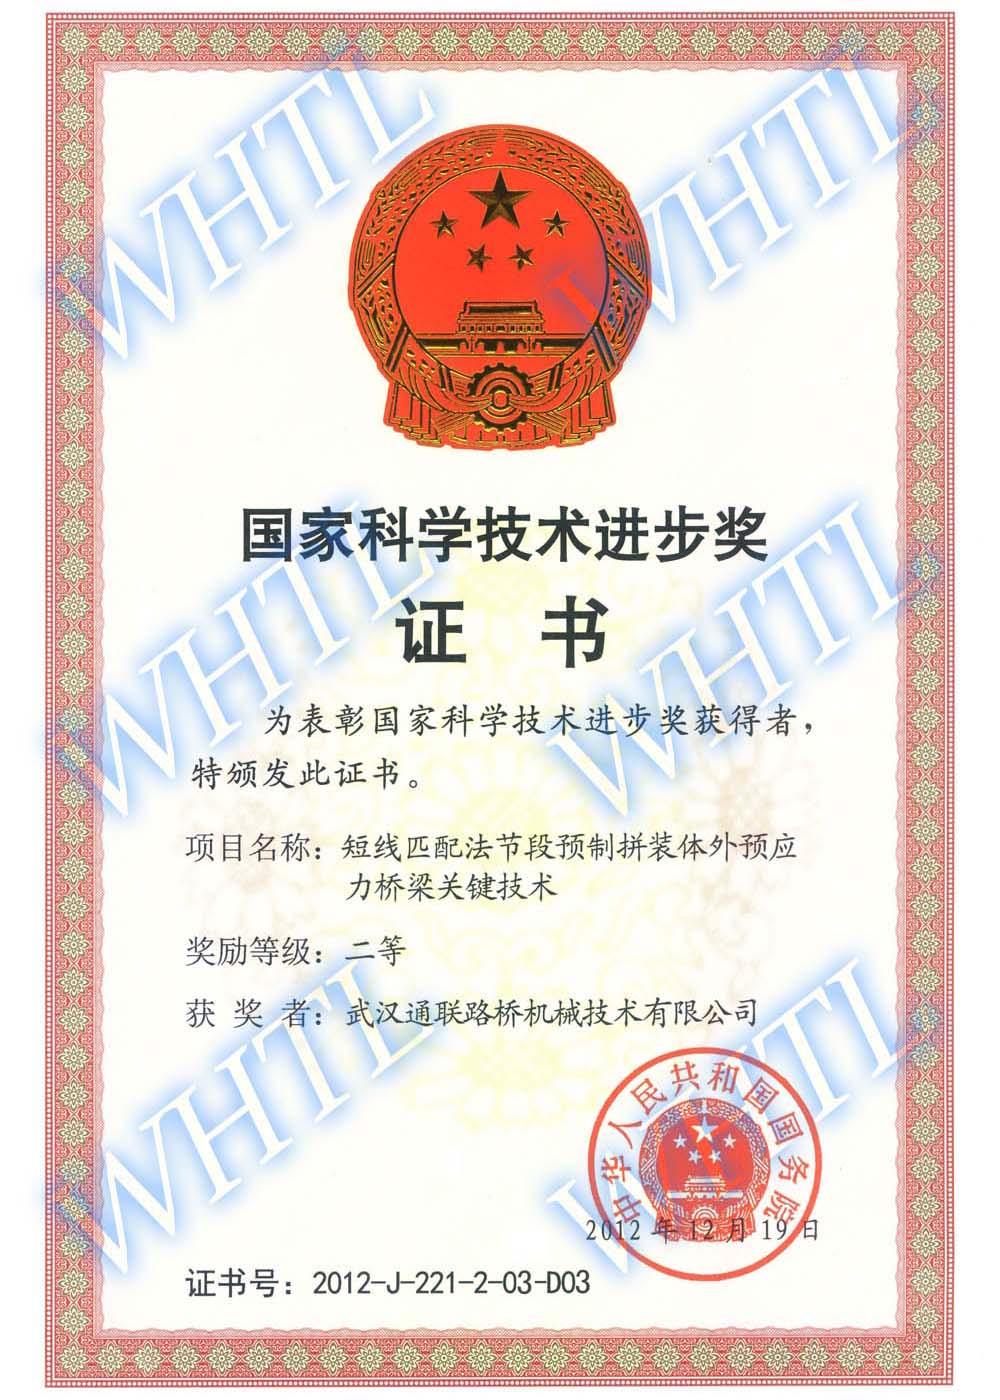 12. 国家科学技术进步奖